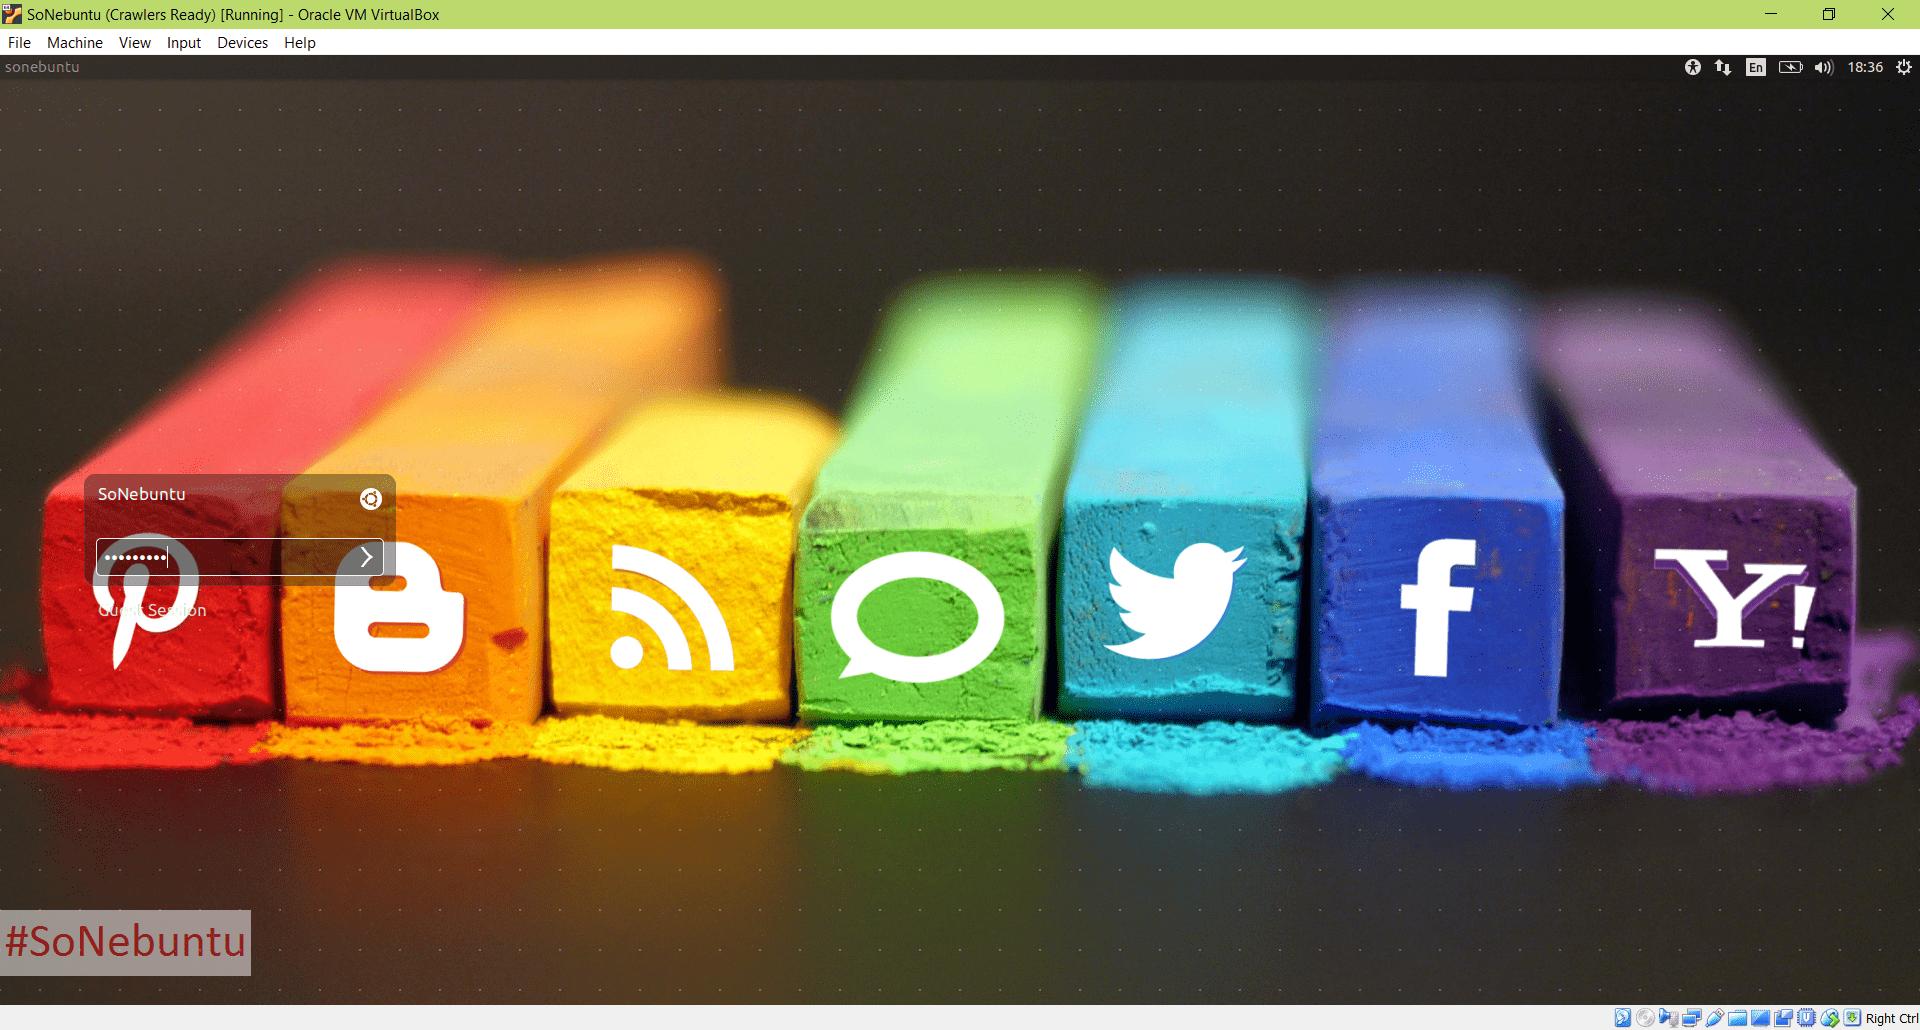 انتشار SoNebuntu Light: نسخه سبک توزیع لینوکس مخصوص تحلیل گران شبکههای اجتماعی